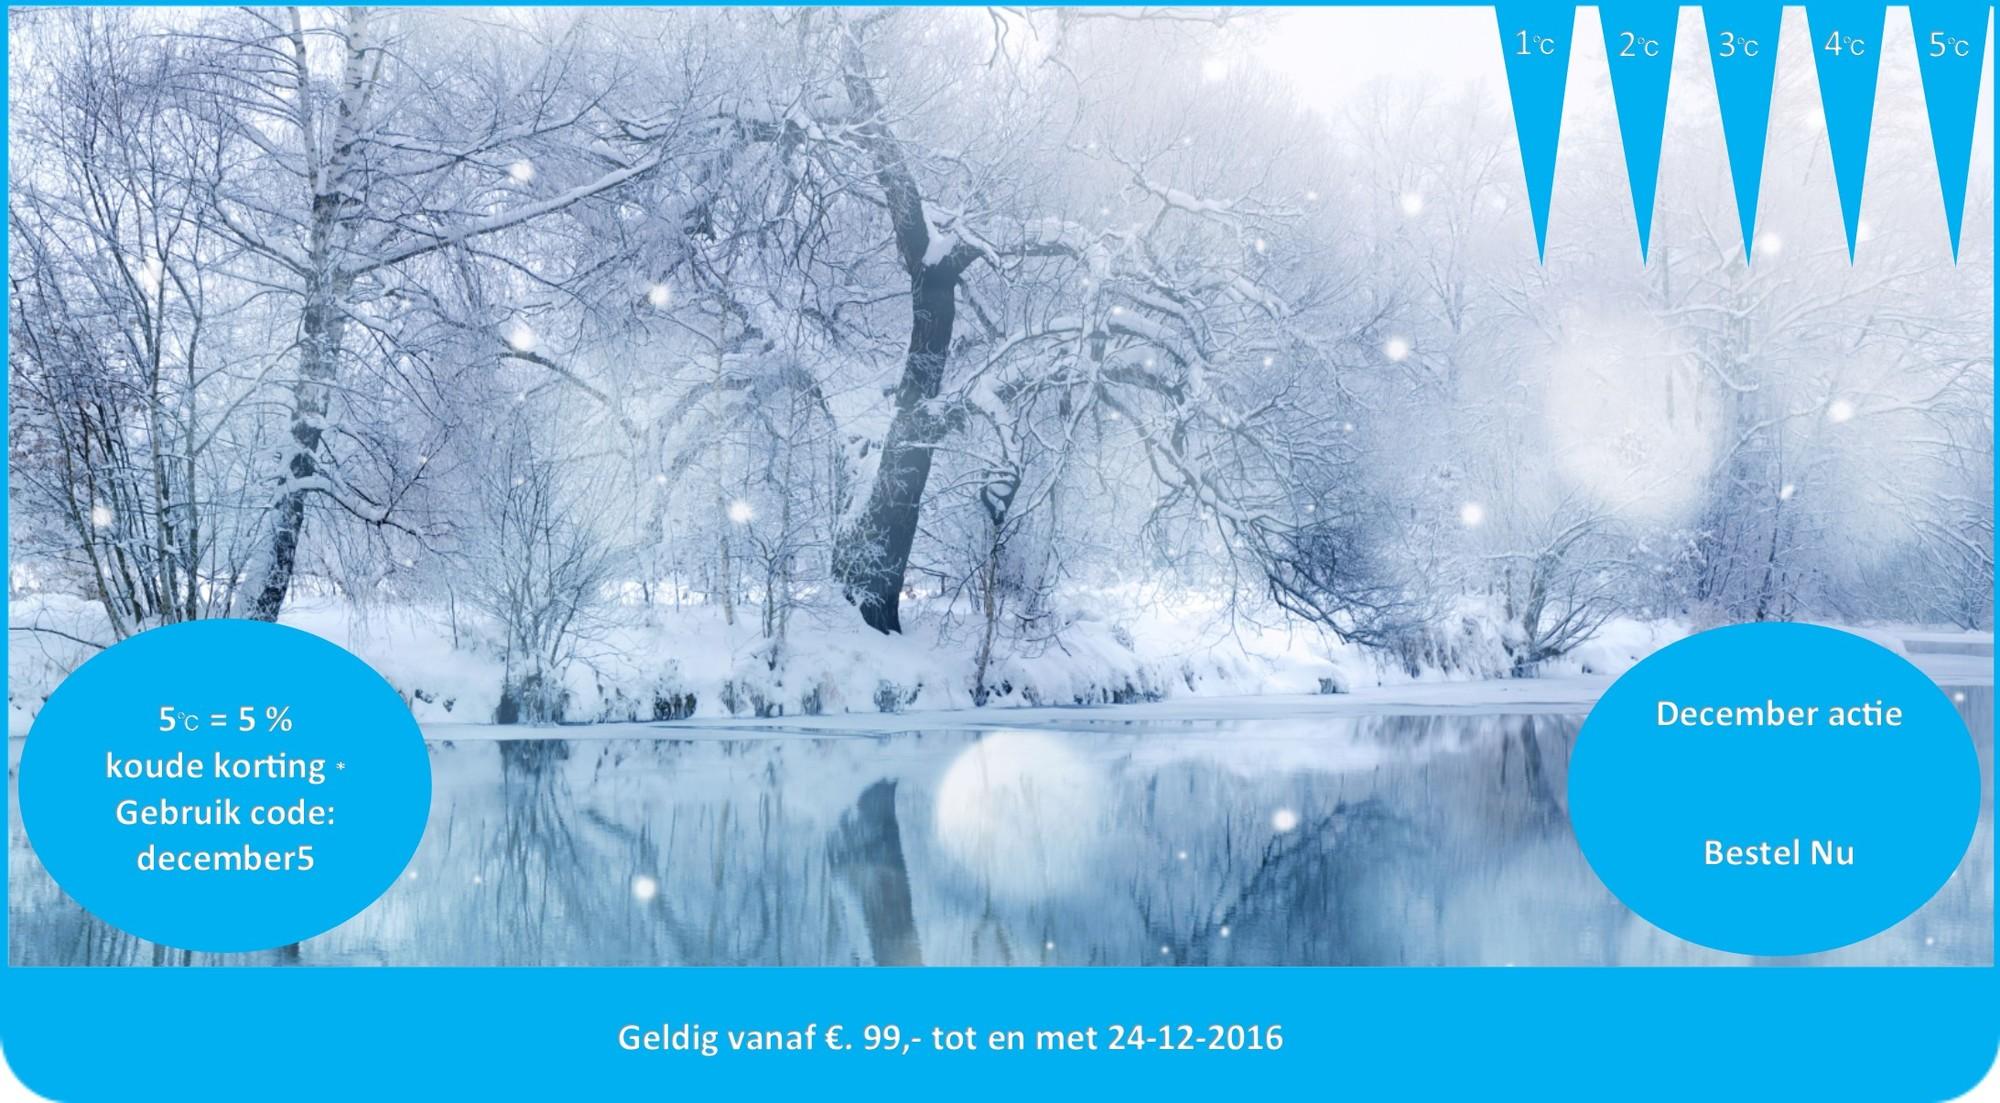 December actie kortingcode